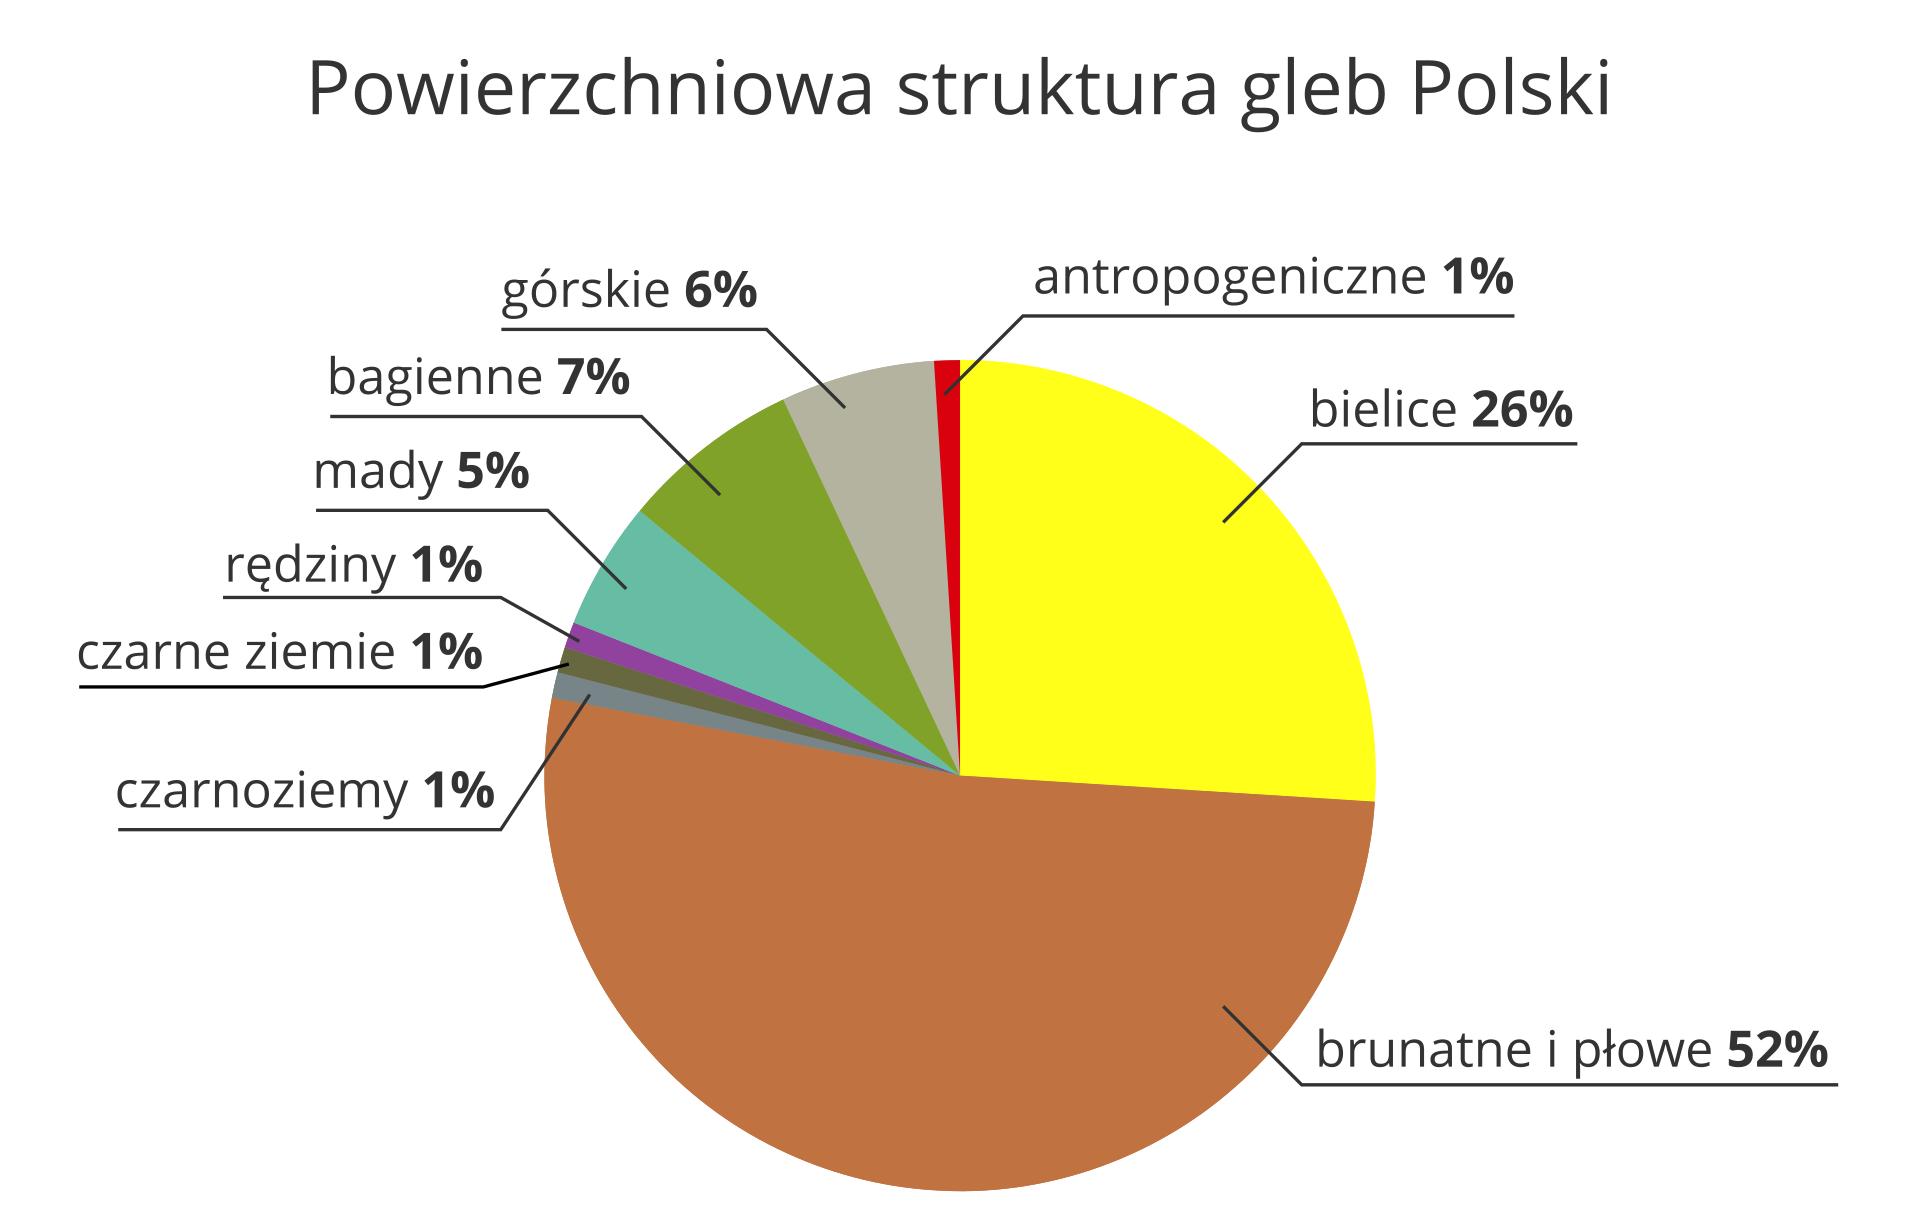 Na ilustracji diagram kołowy, powierzchniowa struktura gleb Polski. Bielice26,00%Brunatne ipłowe52,00%Czarnoziemy1,00%Czarne ziemie1,00%Rędziny1,00%Mady5,00%Bagienne7,00%Górskie6,00%Antropogeniczne1,00%